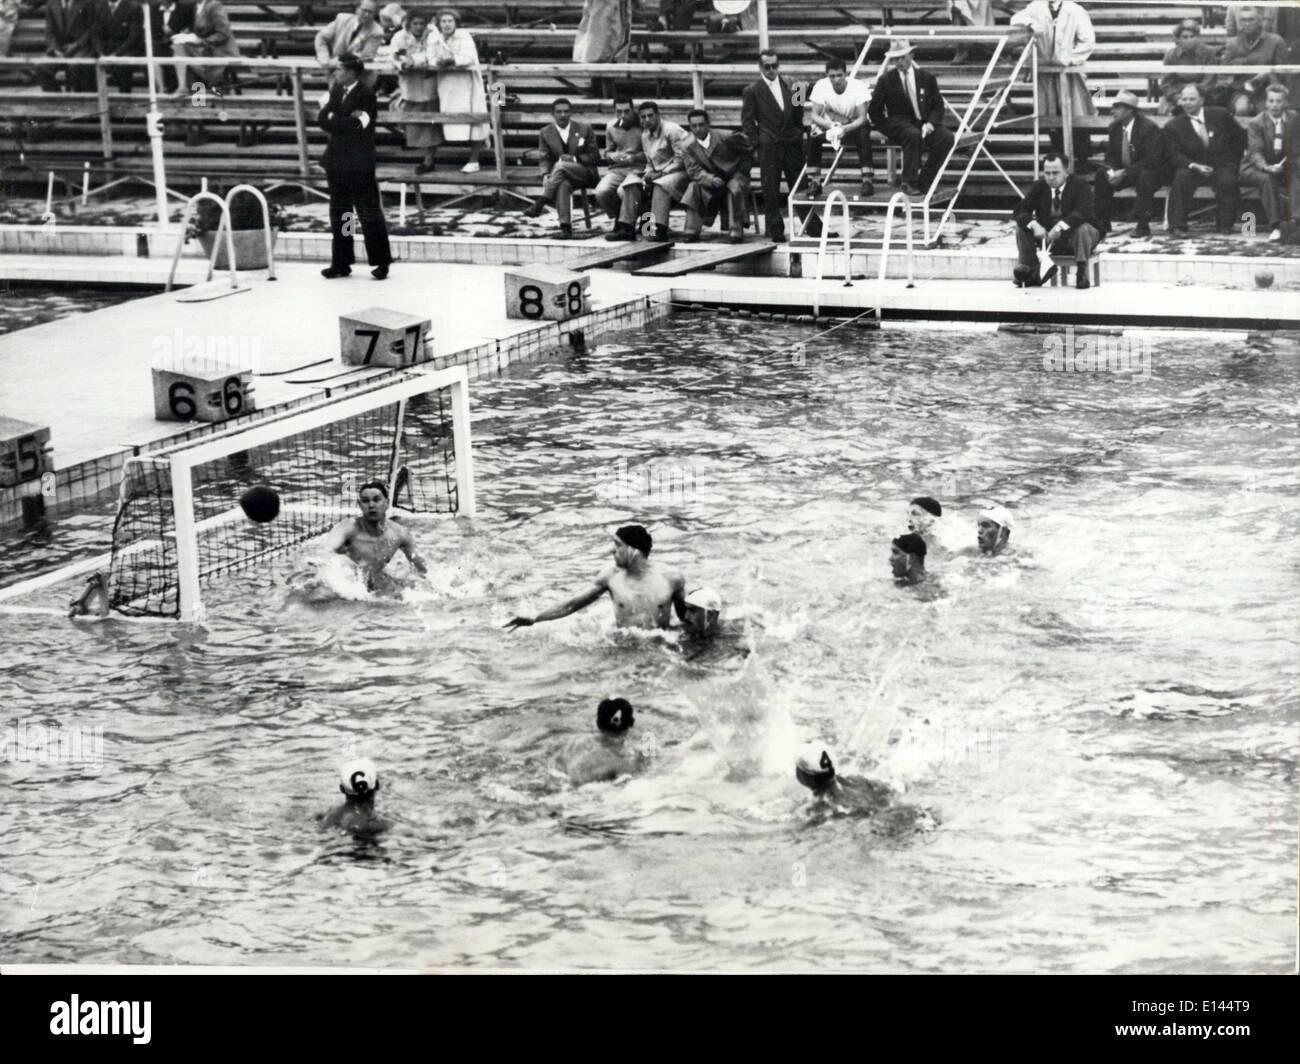 Apr. 04, 2012 - Jeux Olympiques 1952: Match De Water Polo Hollande Contre USSR. - Stock Image